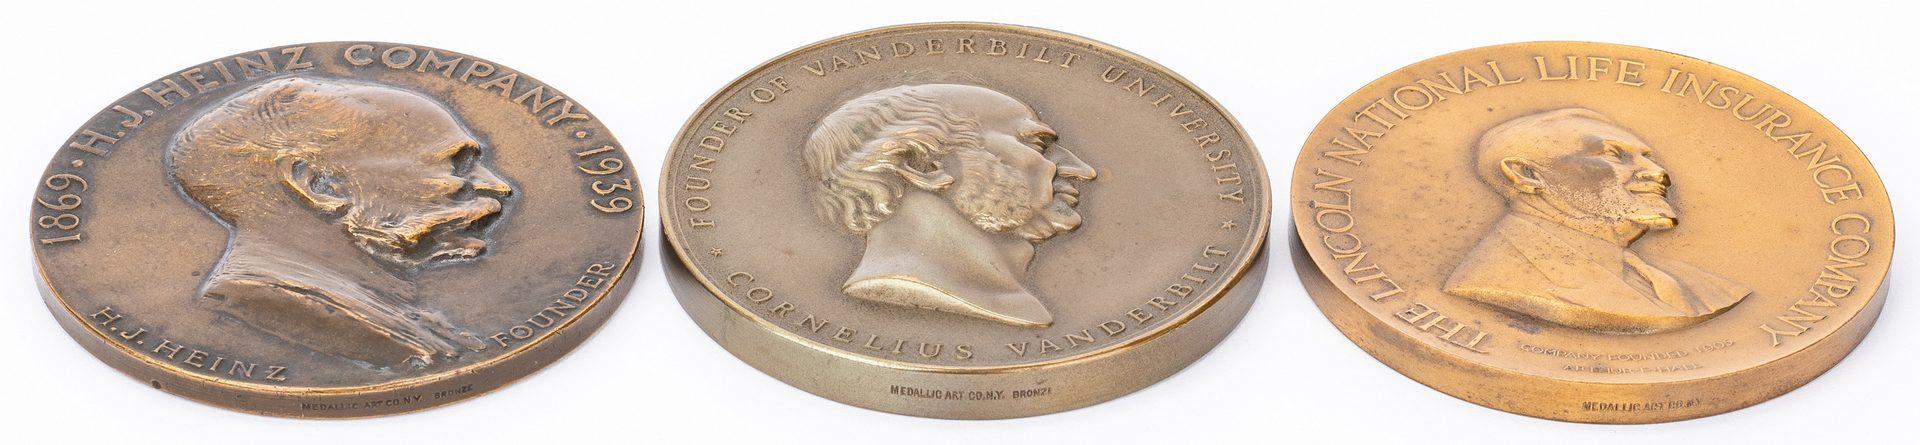 Lot 210: 13 Medallions inc. Vanderbilt, LA Dodgers